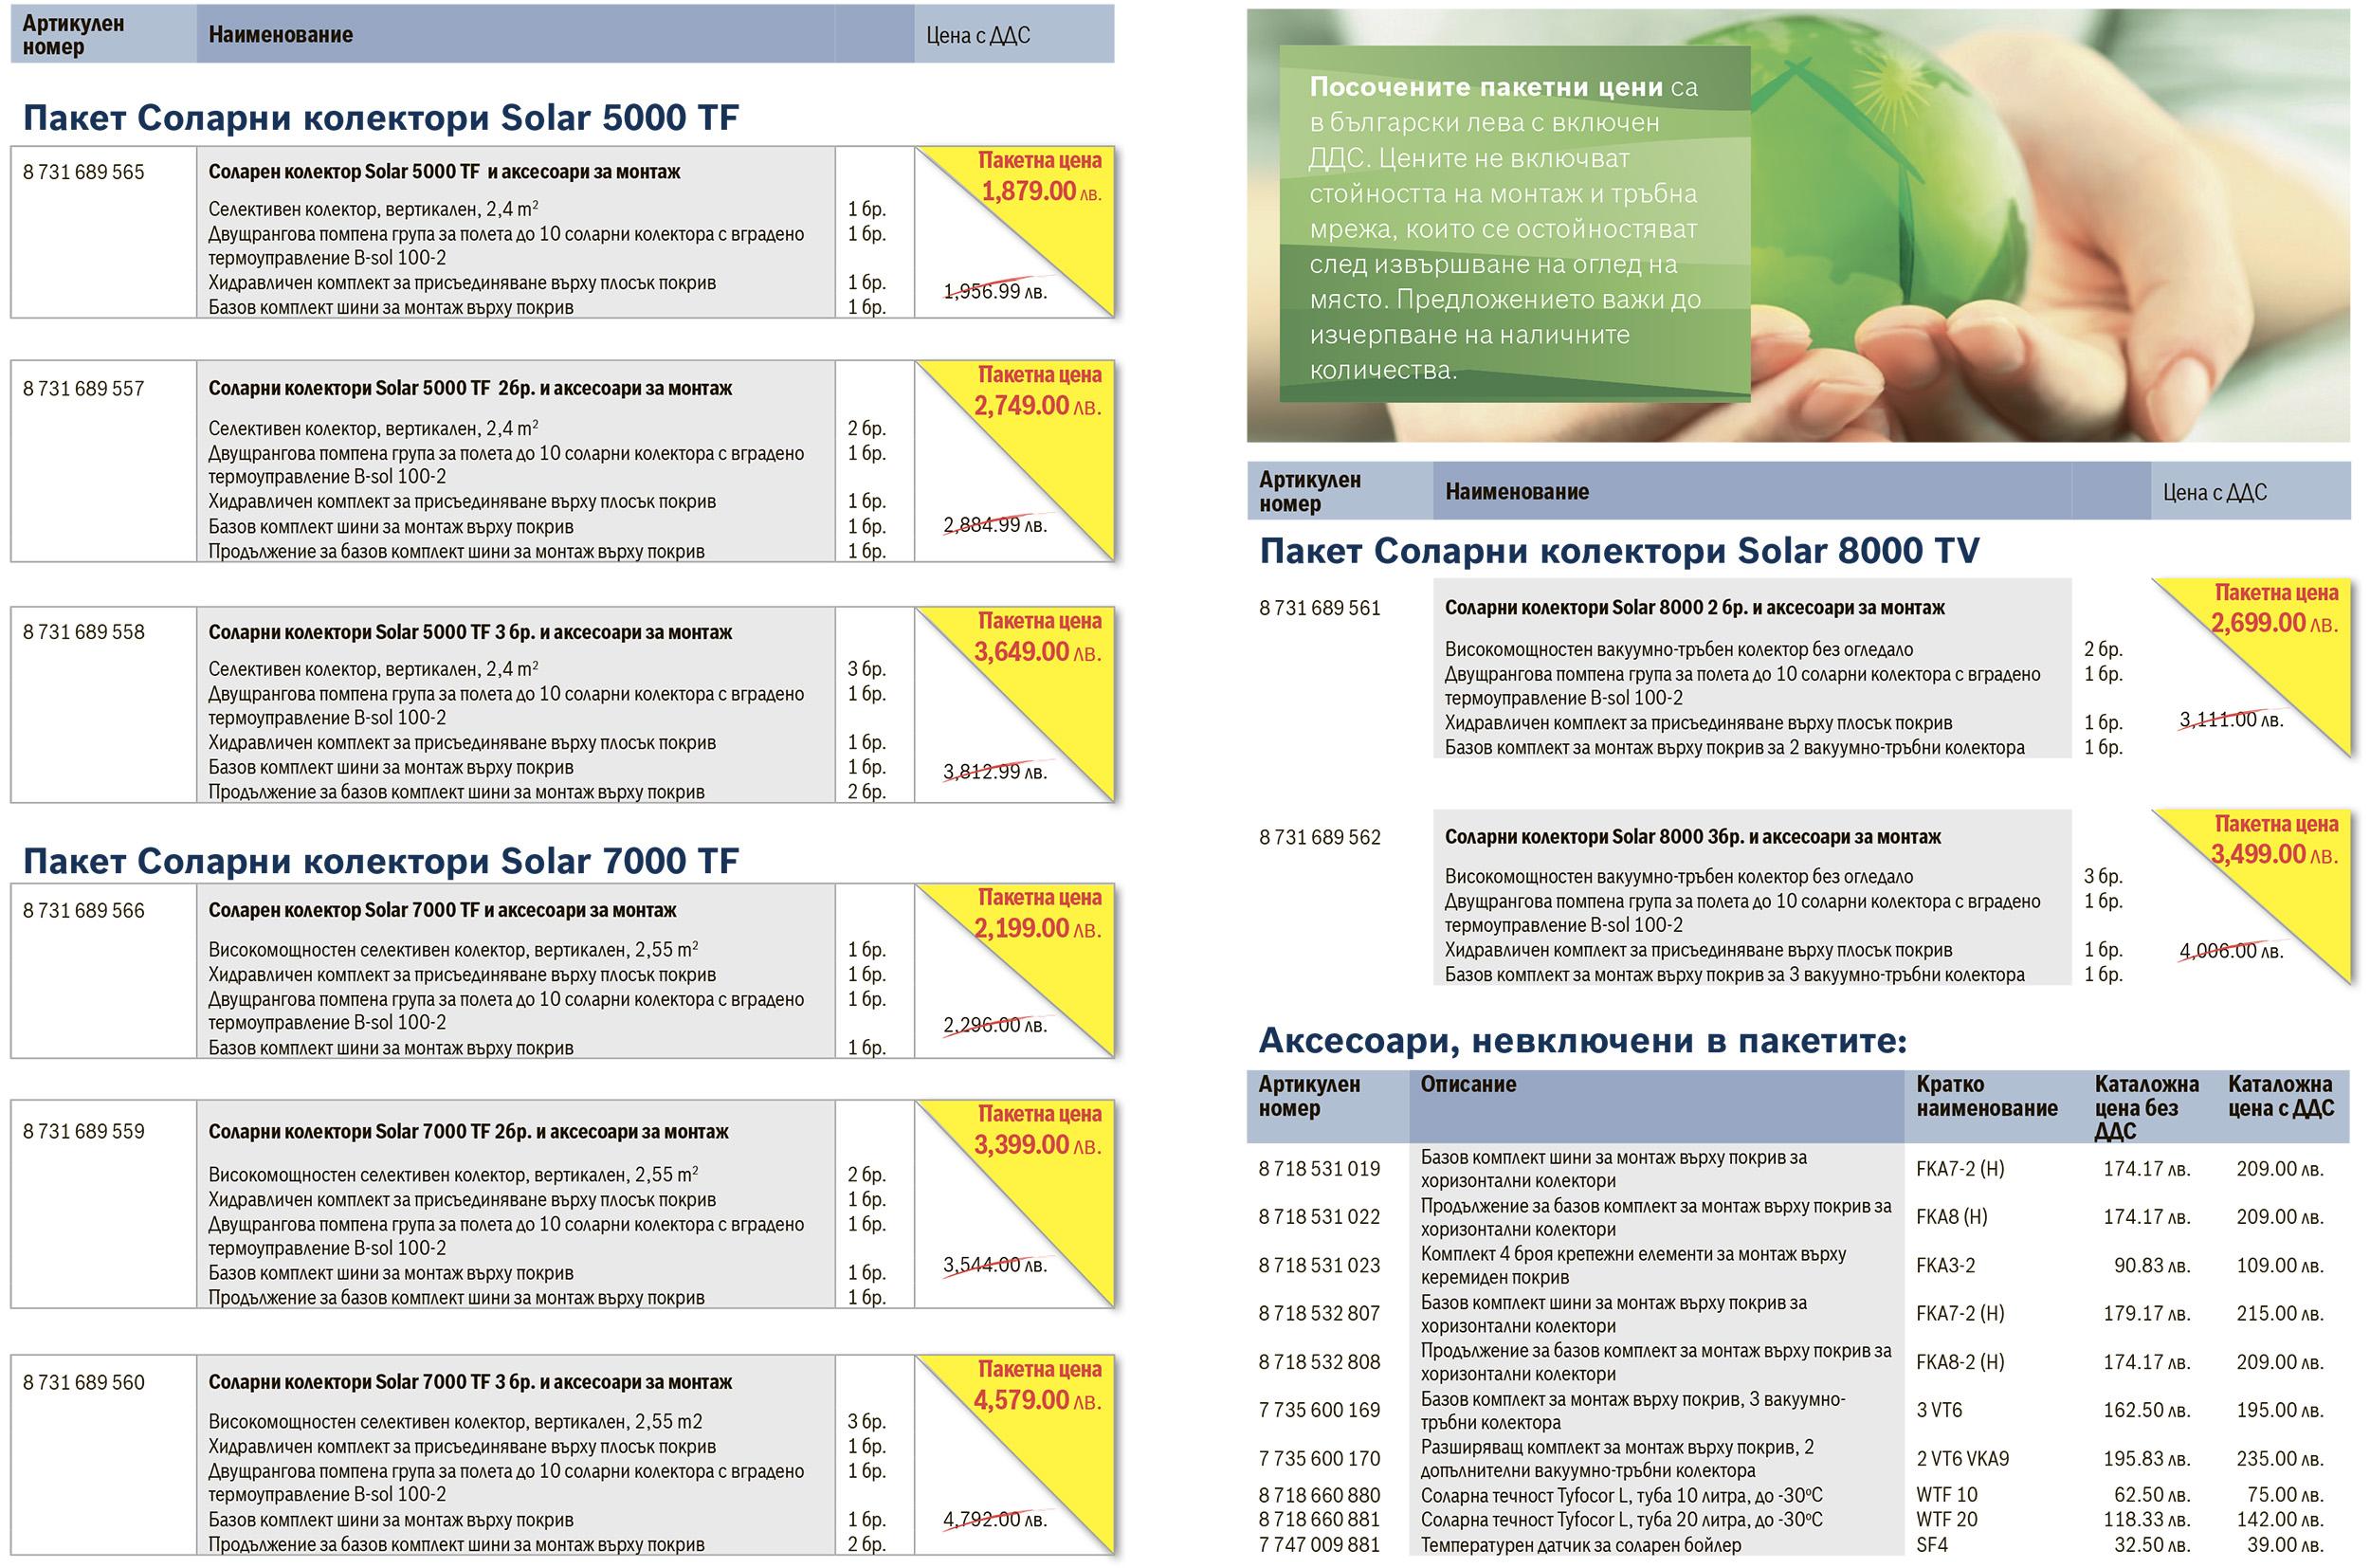 Промоция на пакети соларни колектори BOSCH